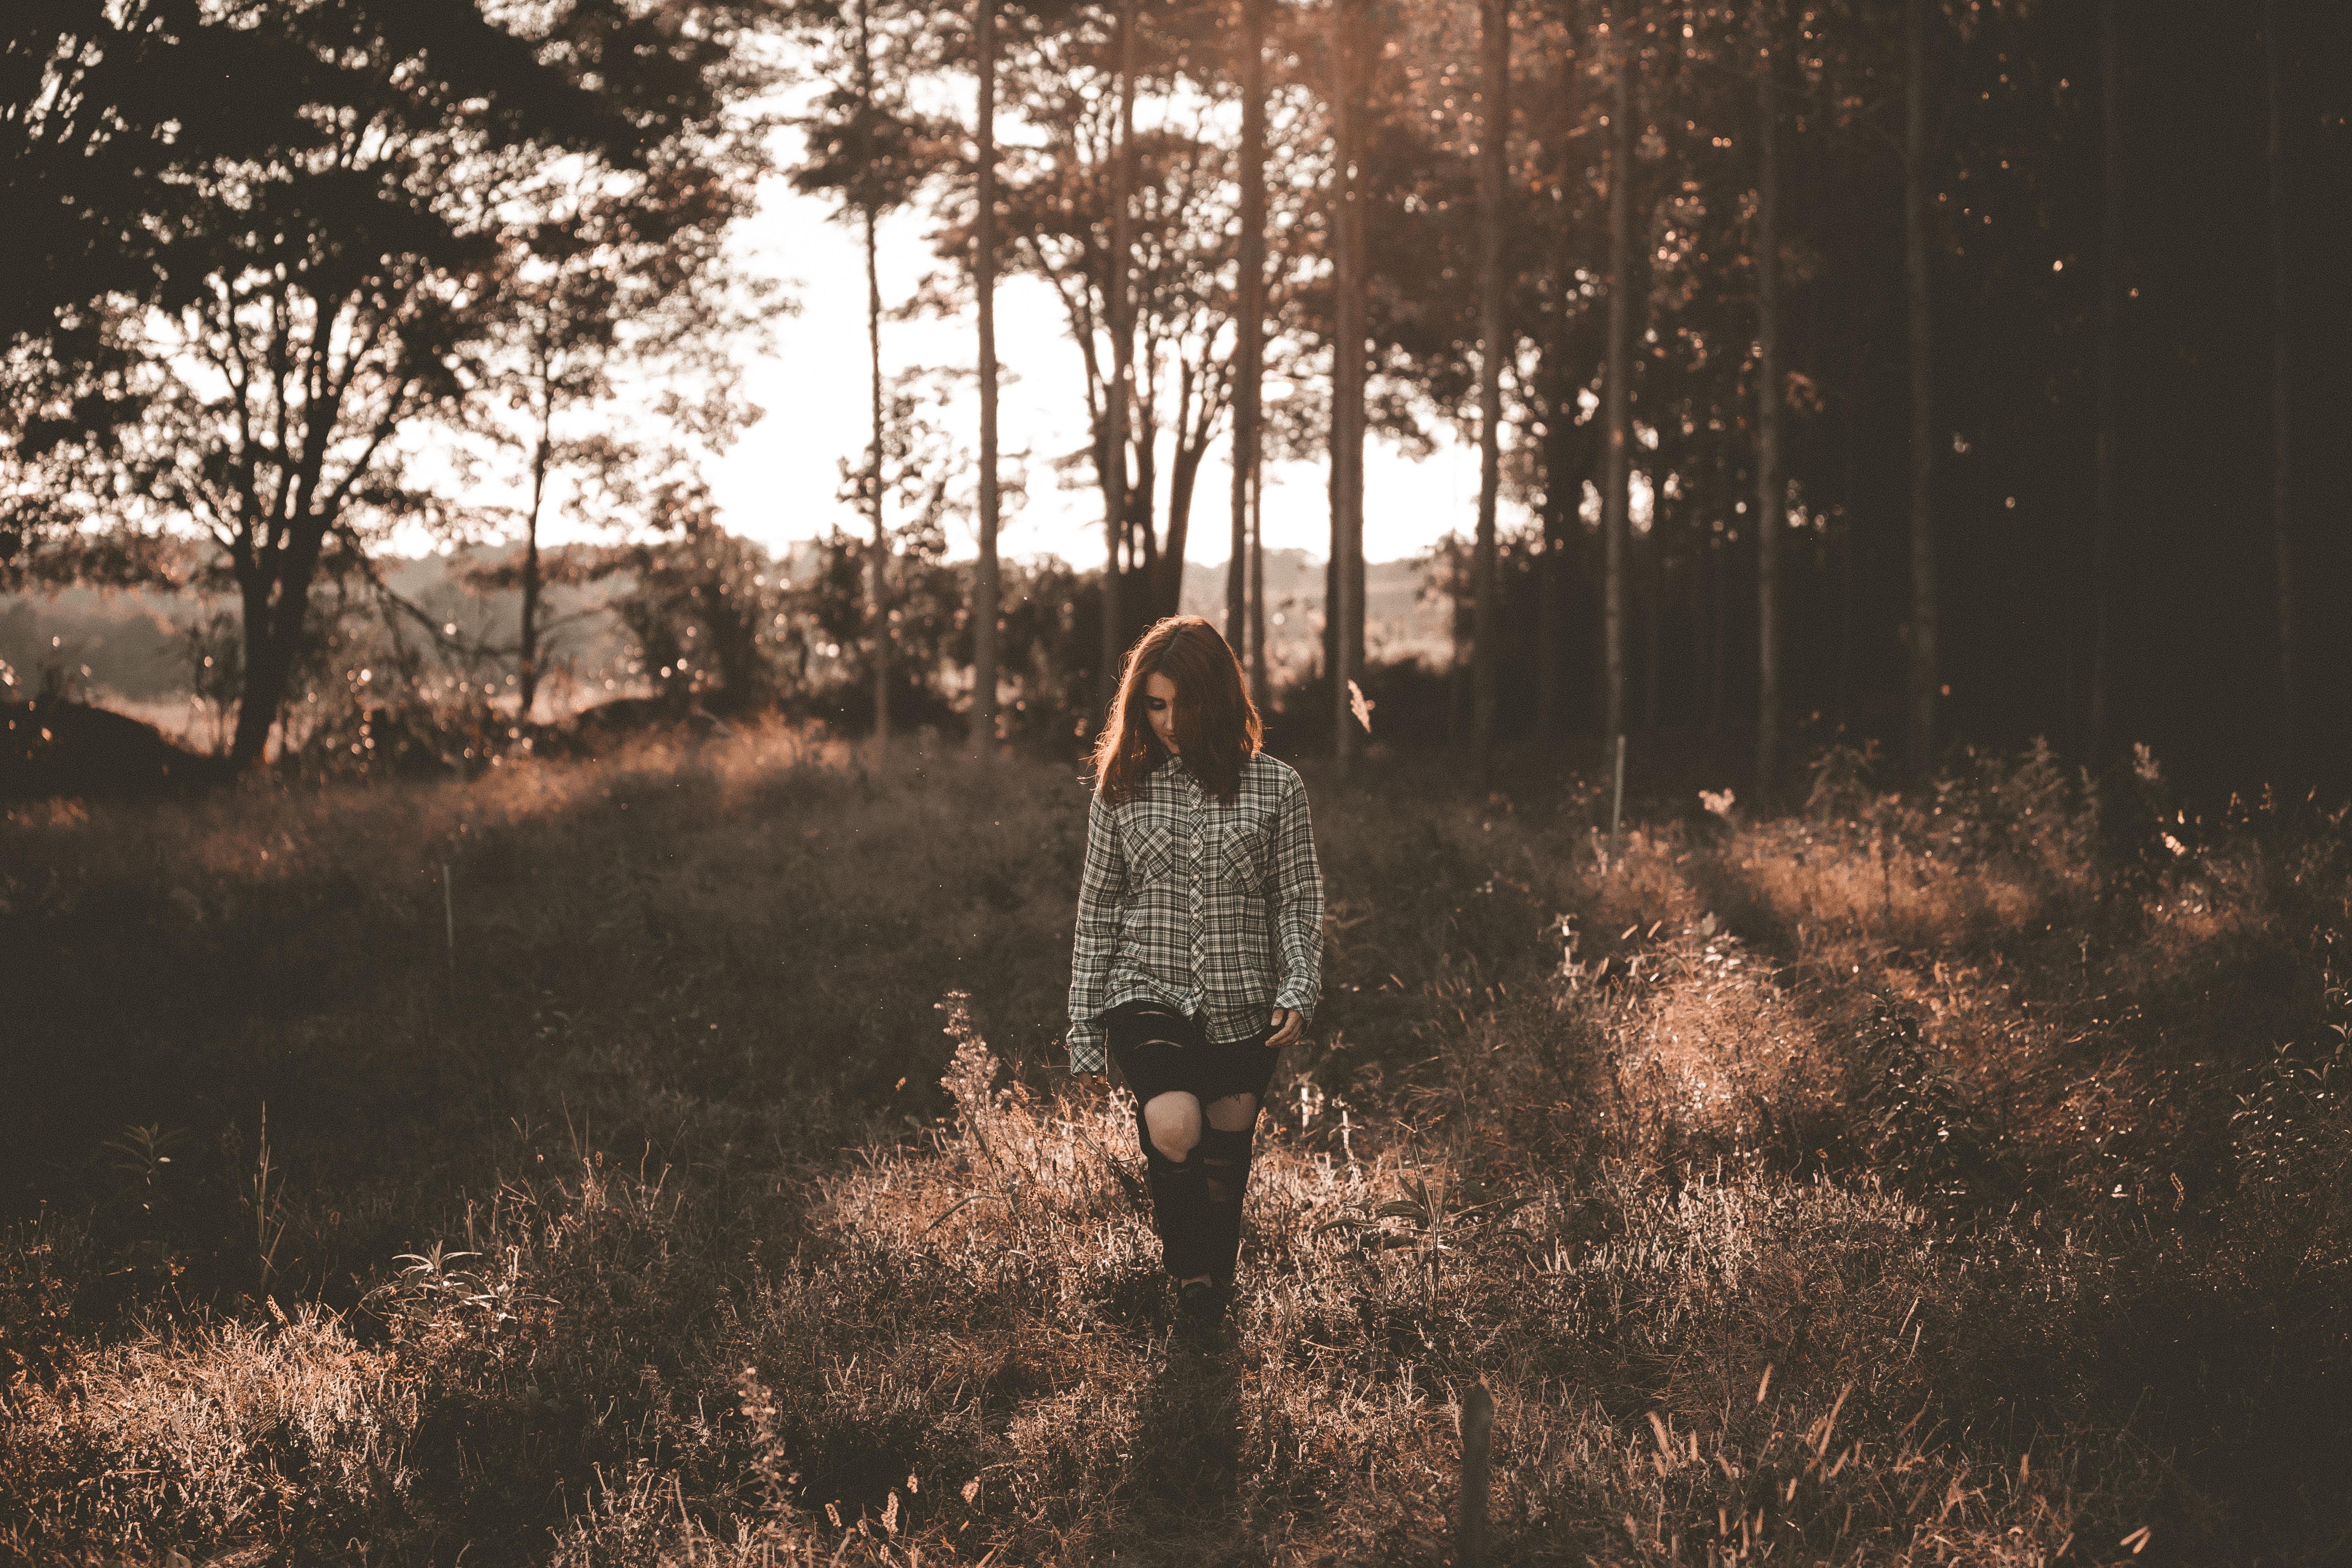 woman walking on brown grass field near trees